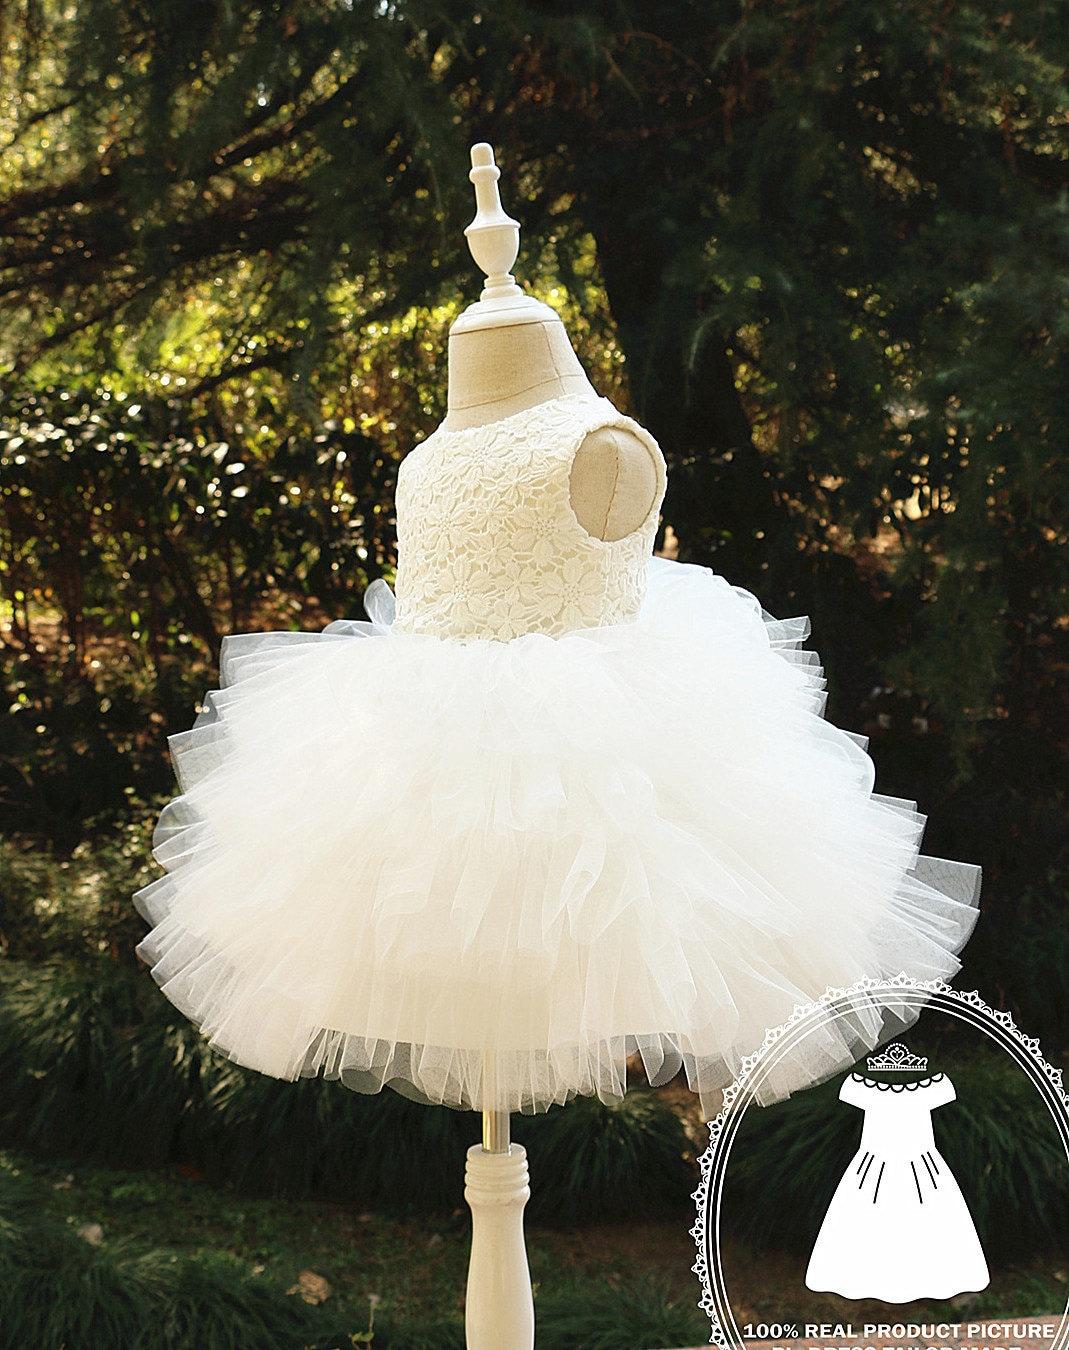 Baby Mädchen Geburtstag Mädchen Kleid Geburtstag 1 Jahr alt